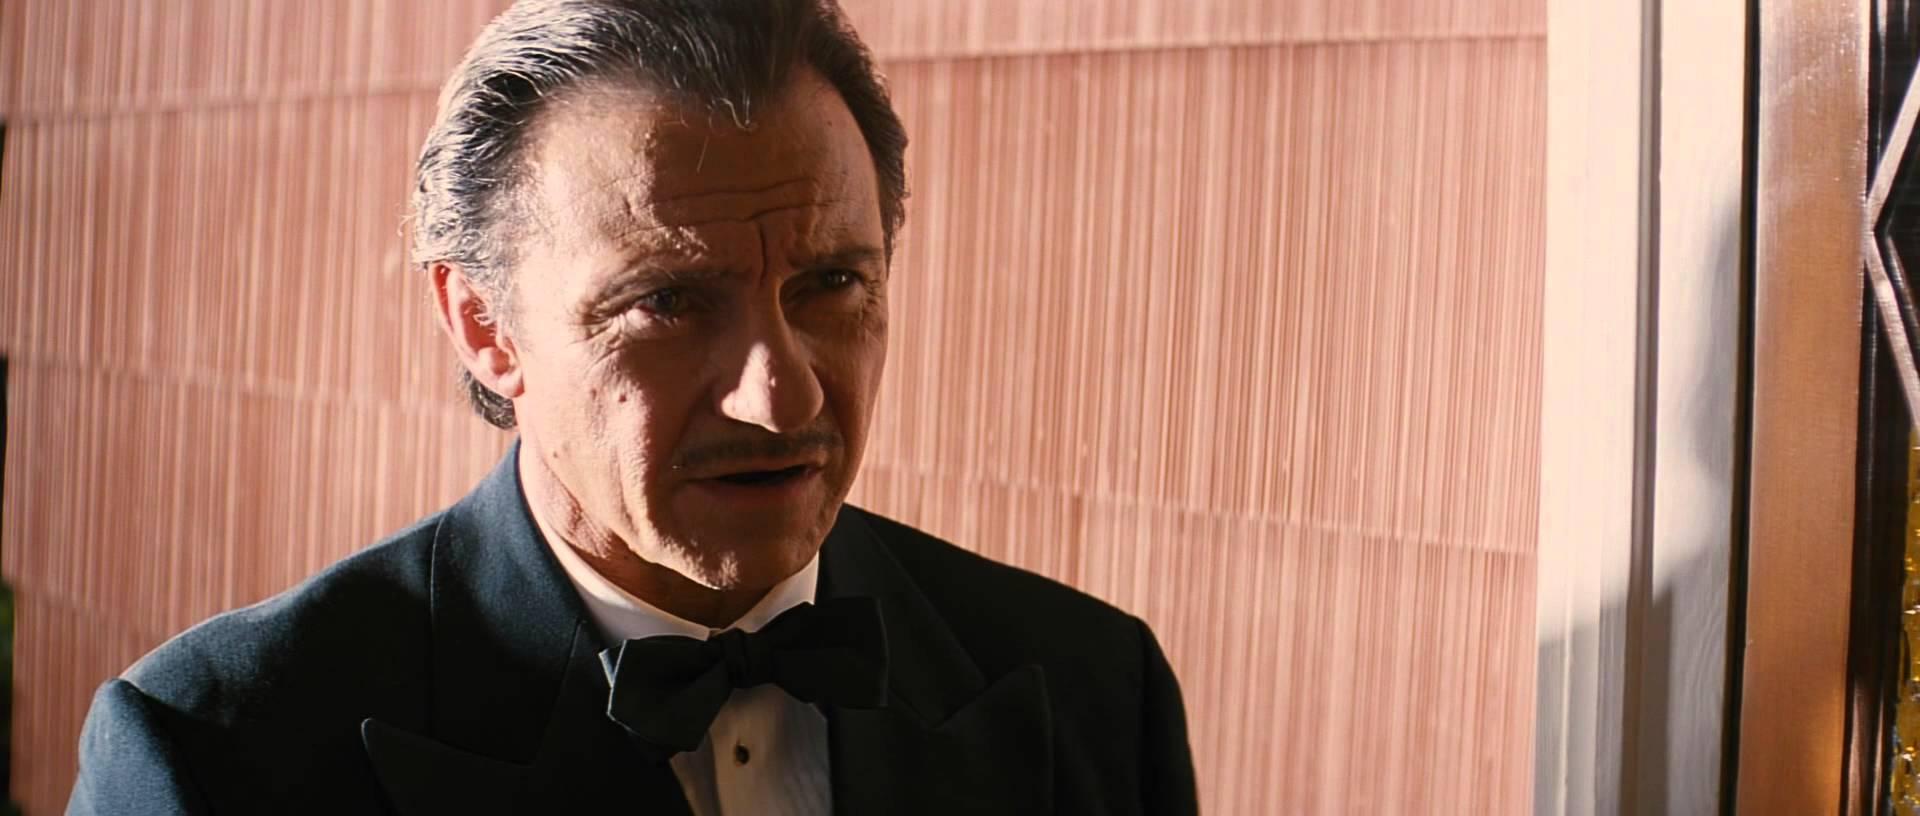 Harvey Keitel in una scena di Pulp Fiction